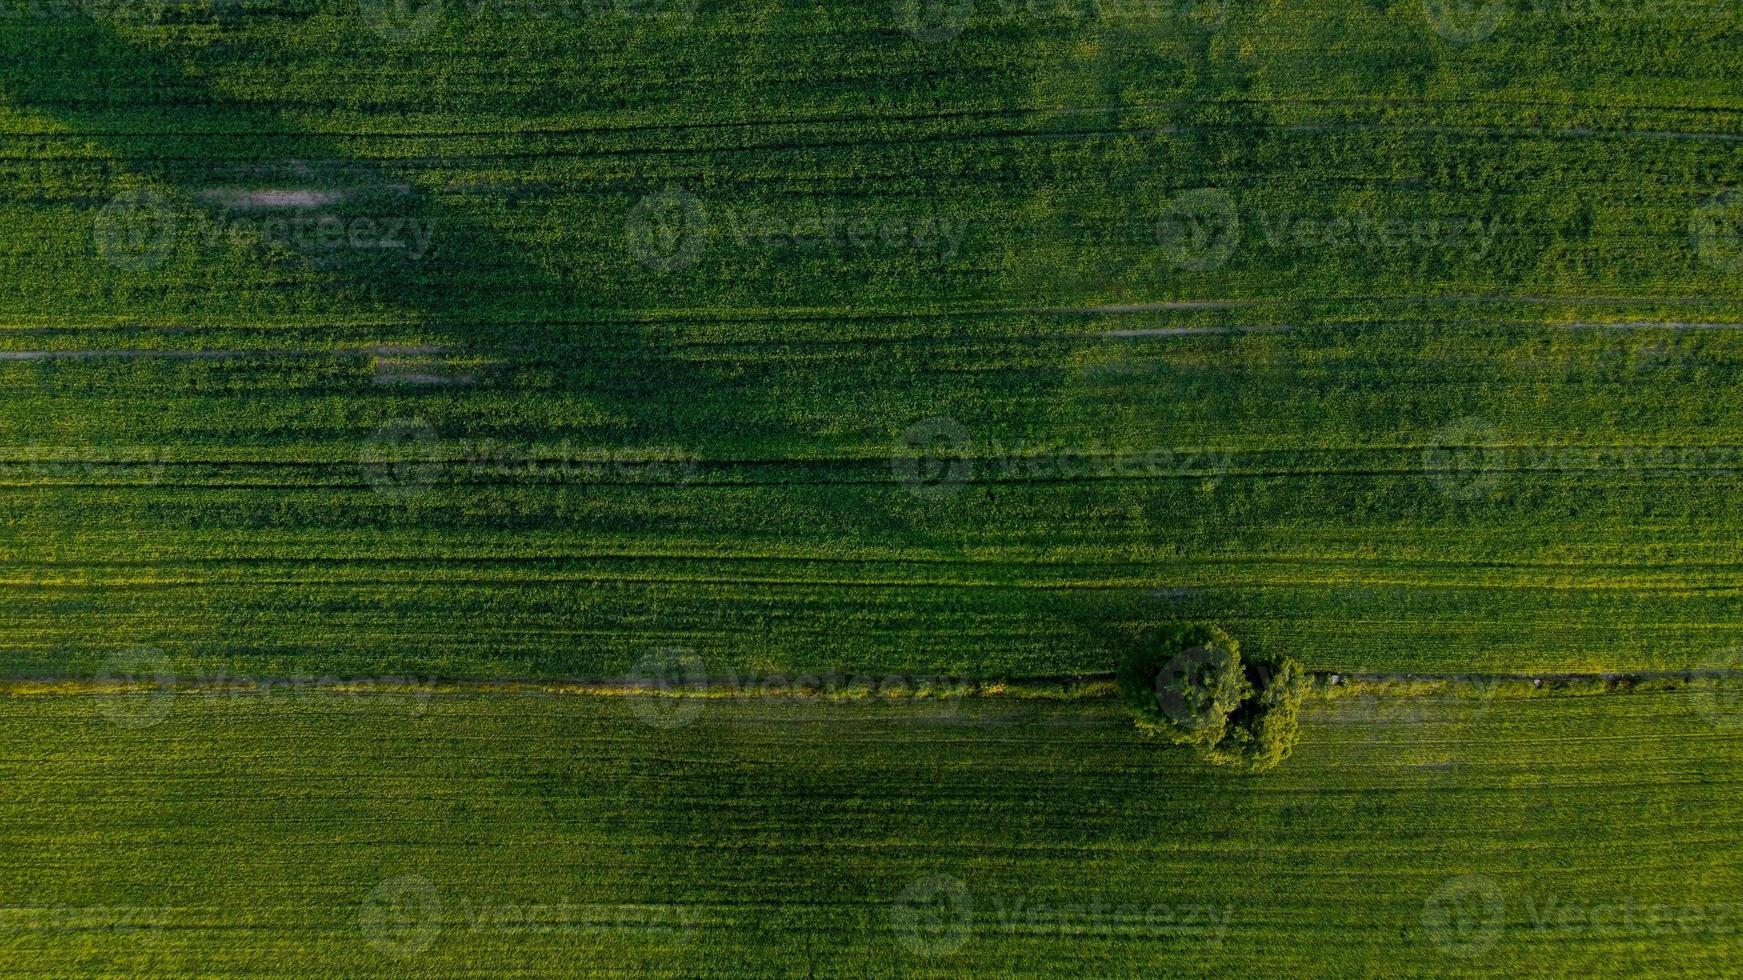 árvore solitária nos campos verdes foto